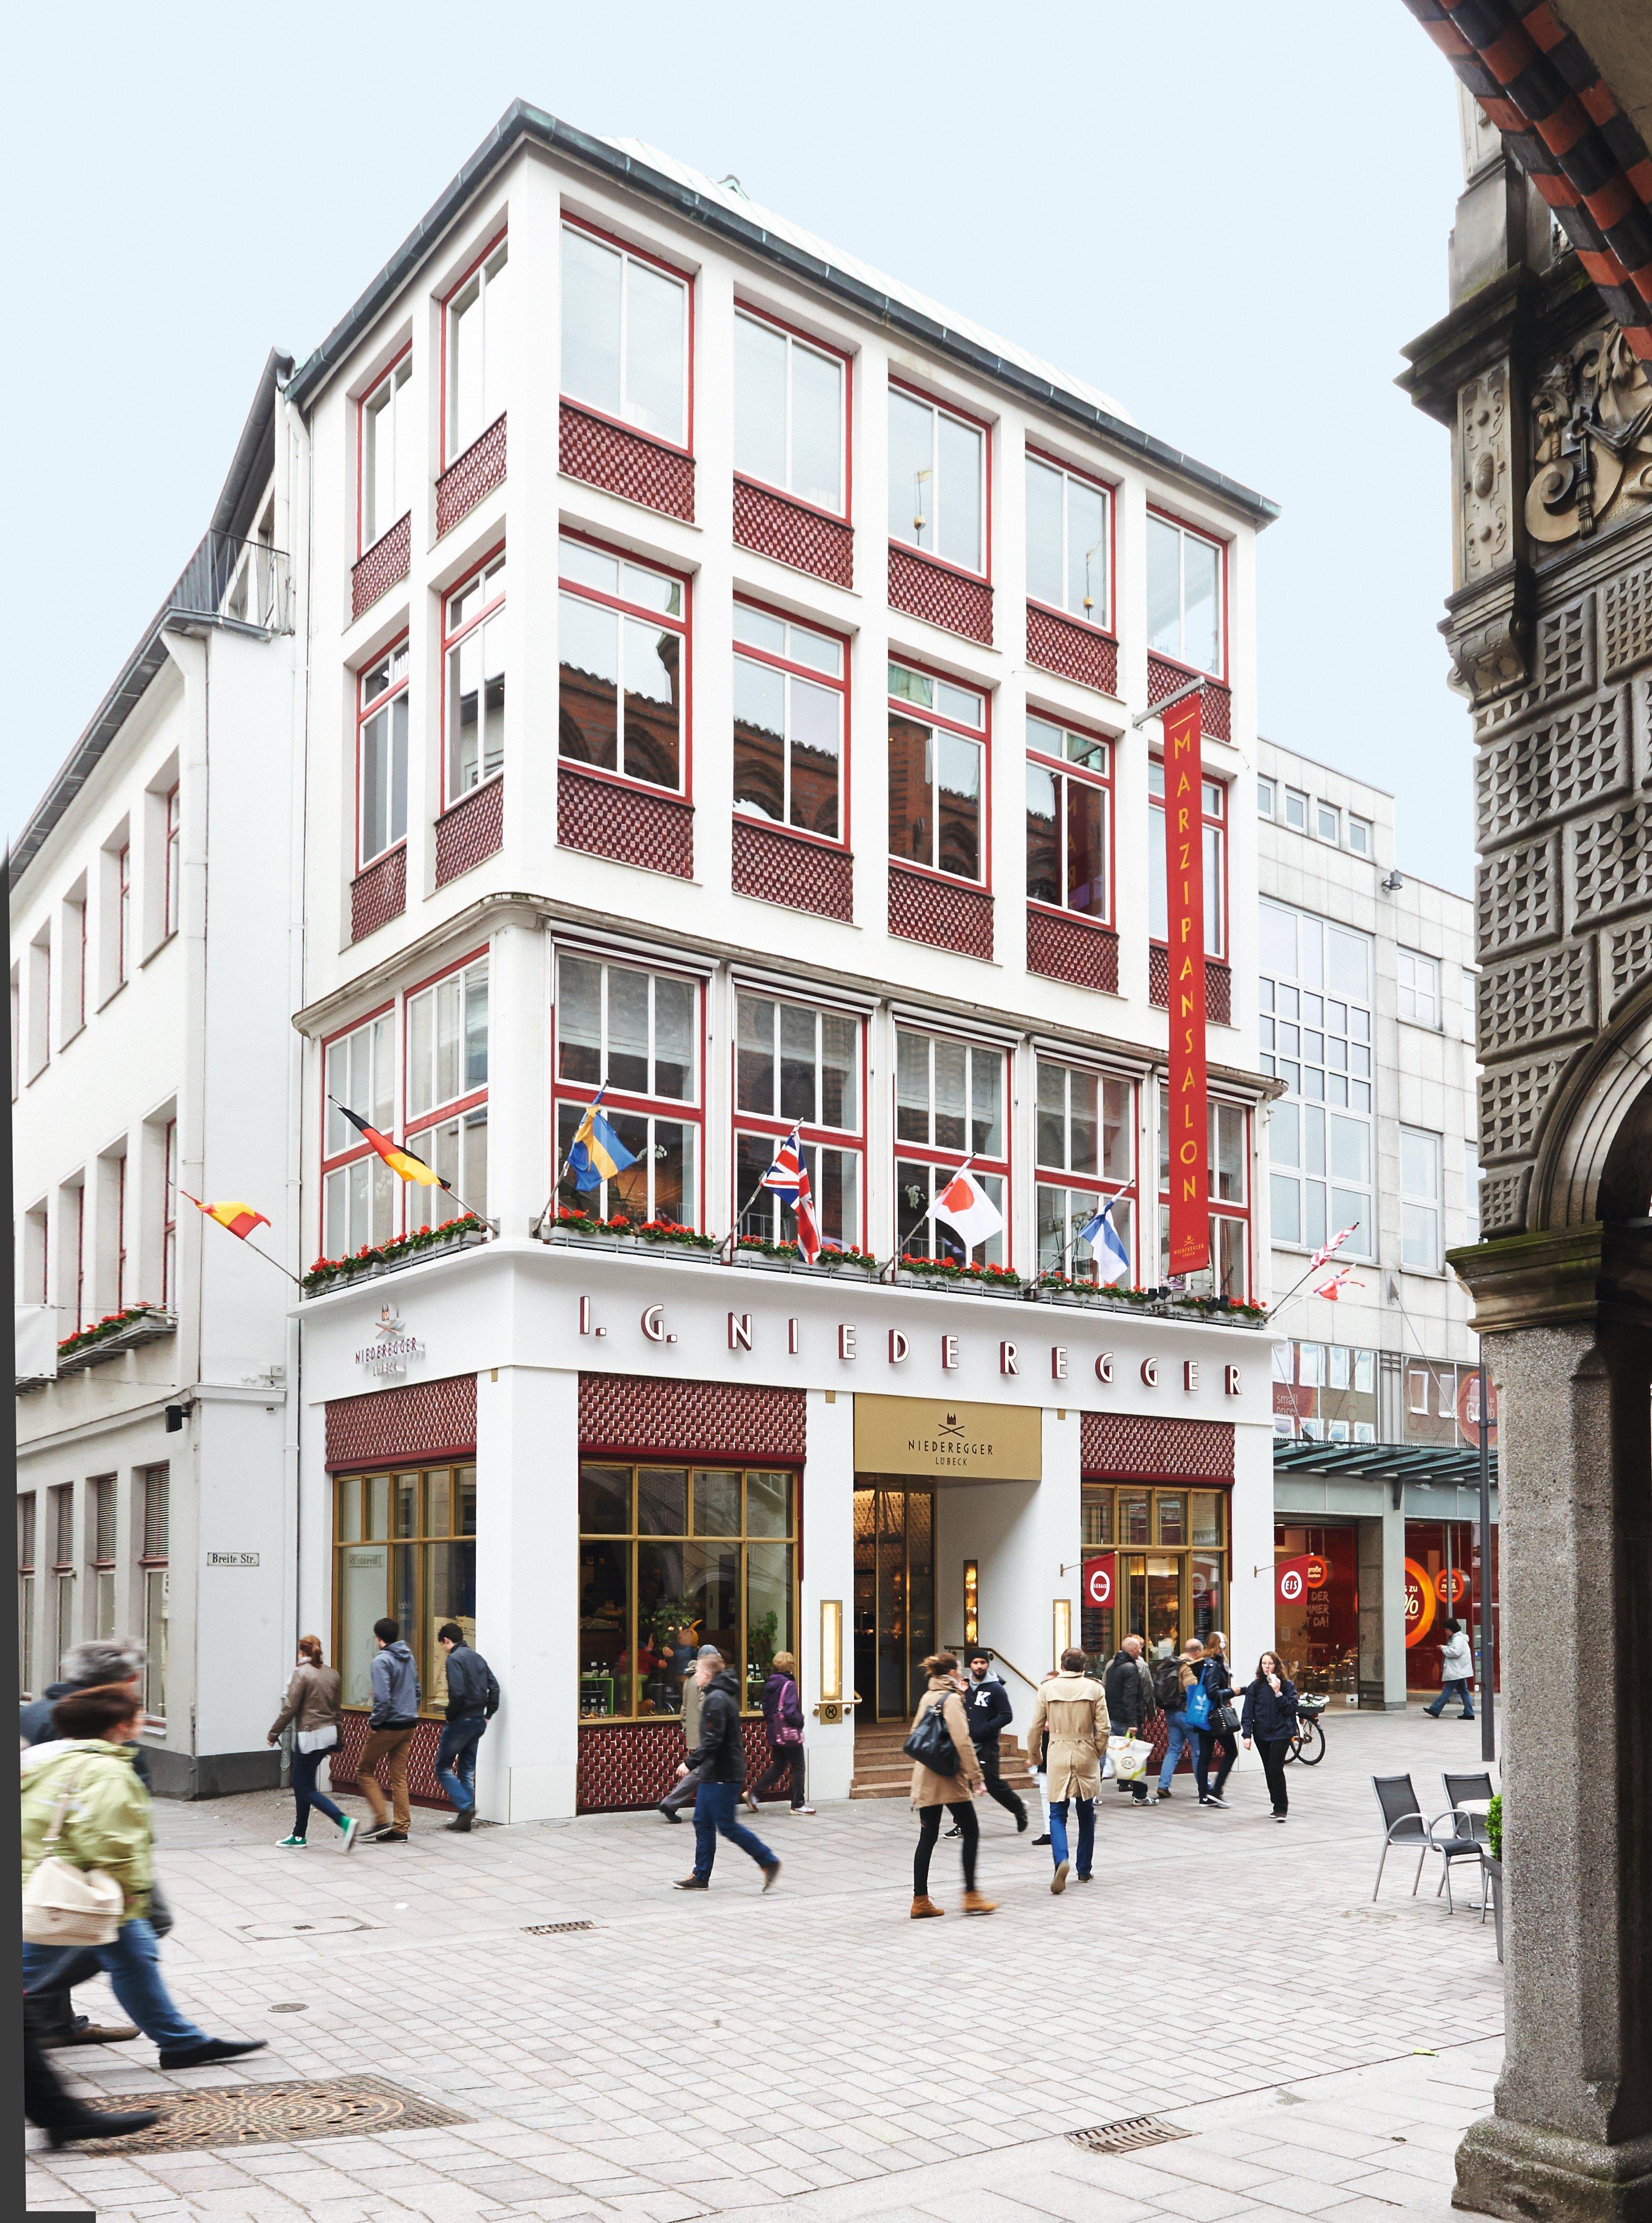 Niederegger Café